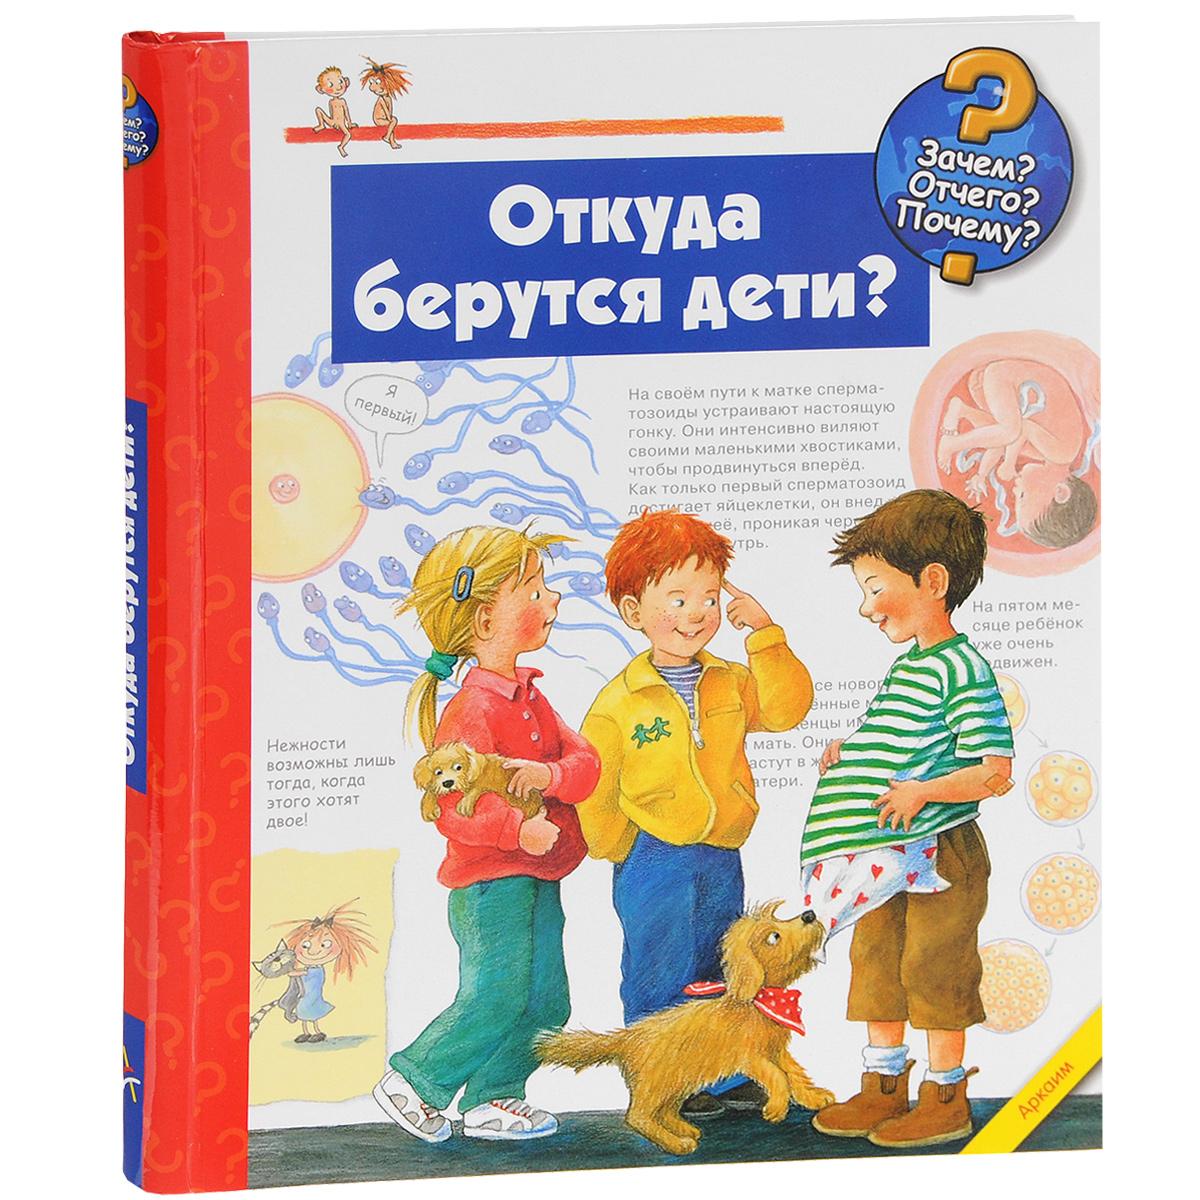 Детская книга откуда берутся дети картинки